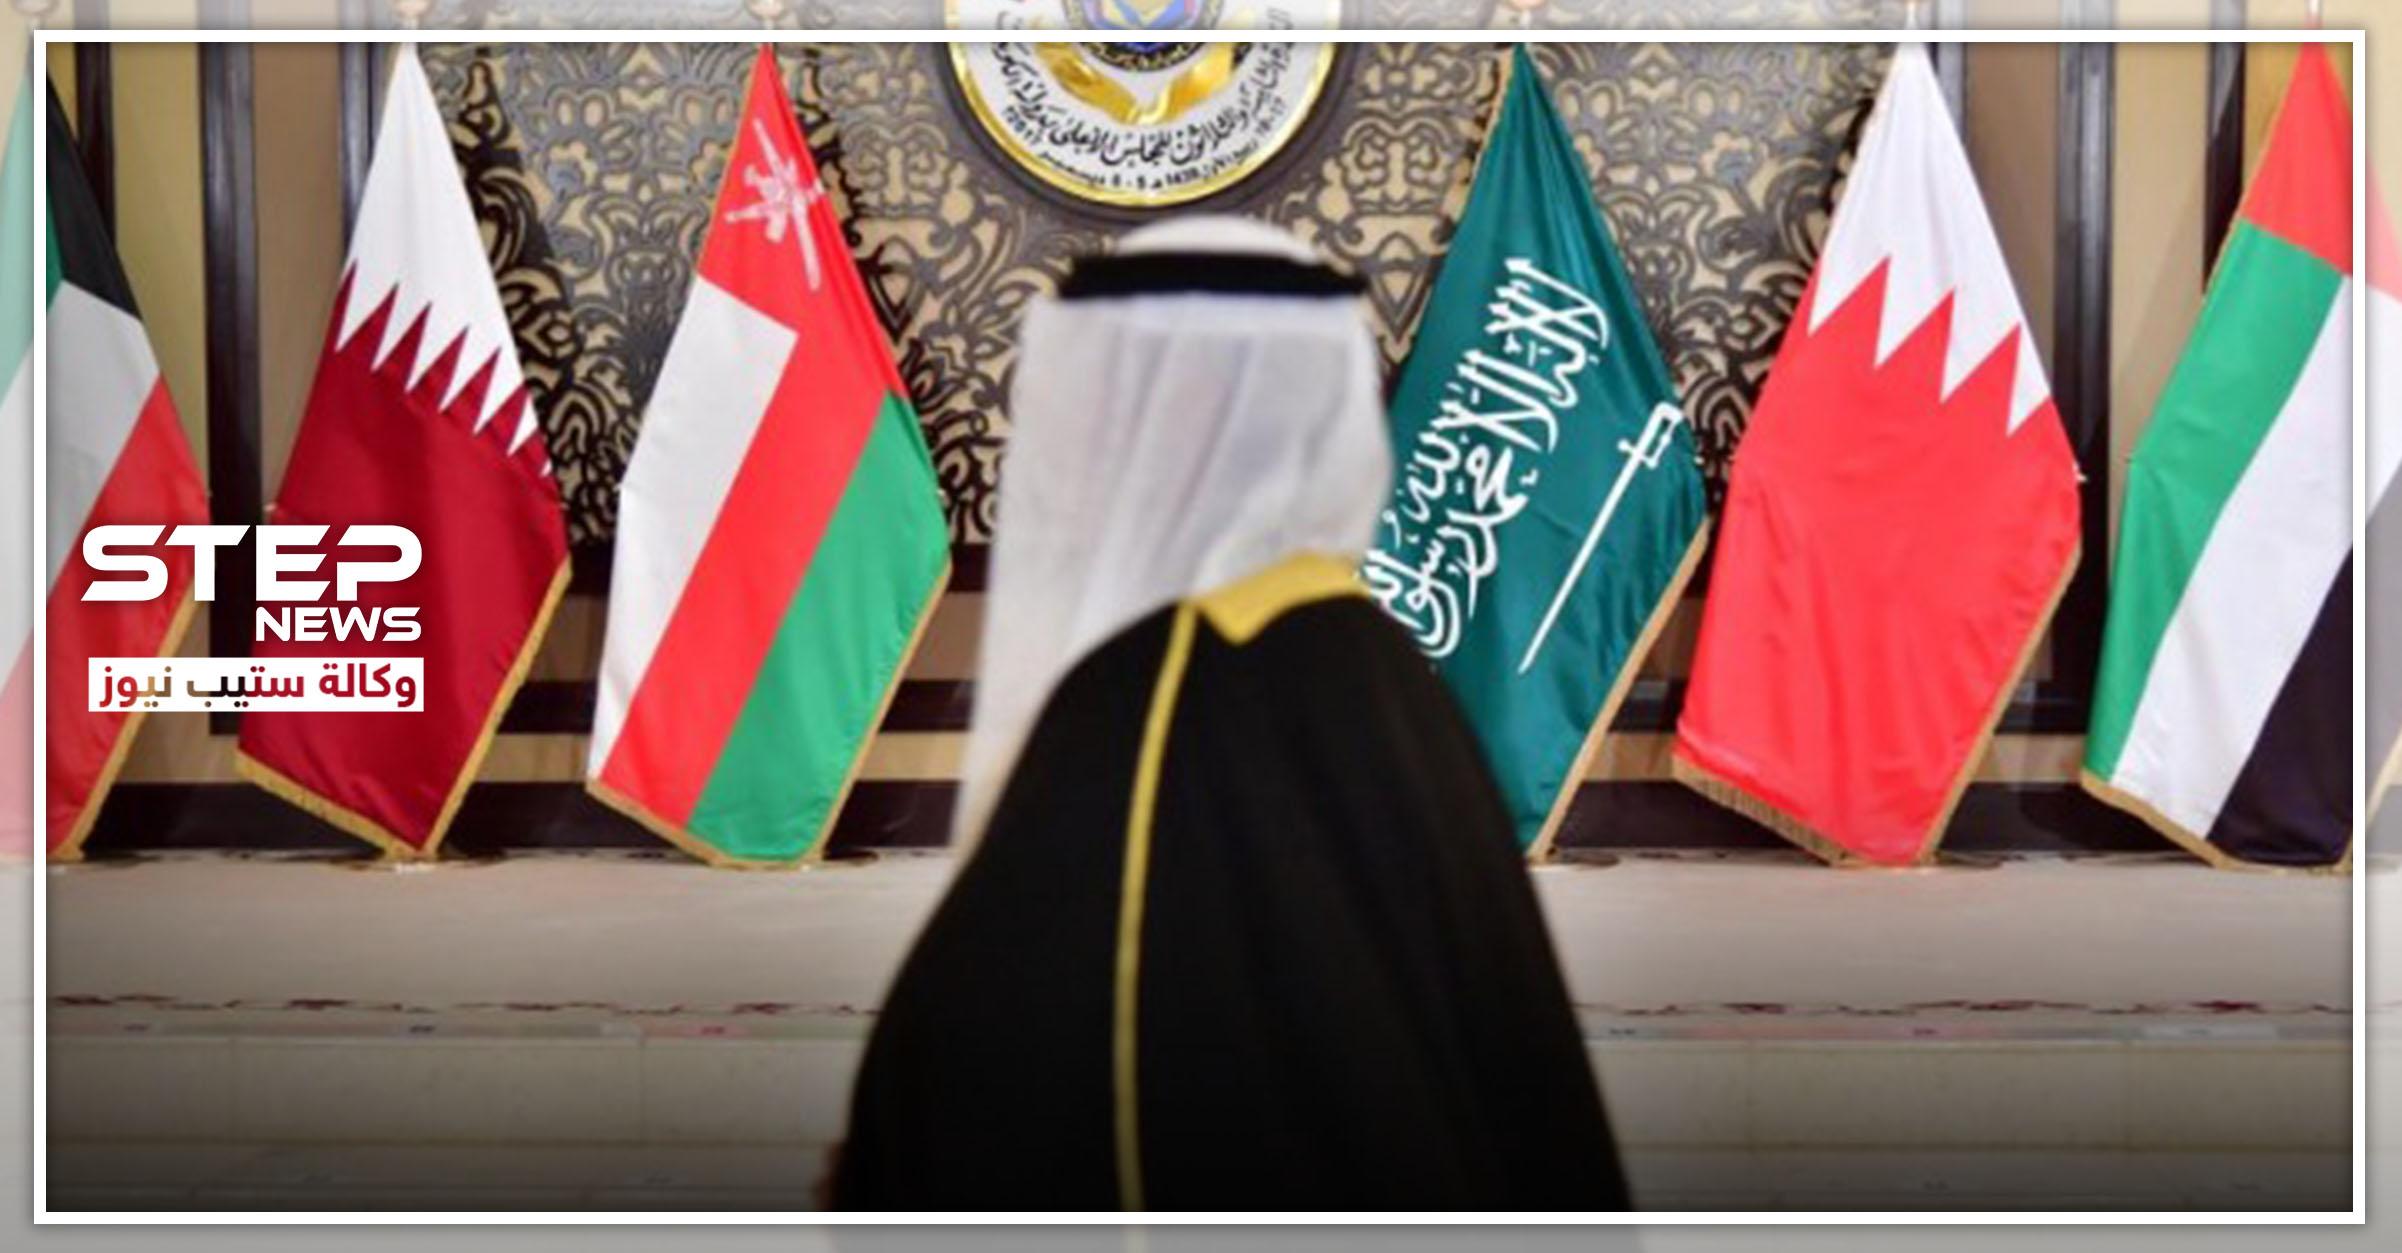 مجلس التعاون الخليجي يوجه أوّل رسالة خليجية موحدة حول إيران